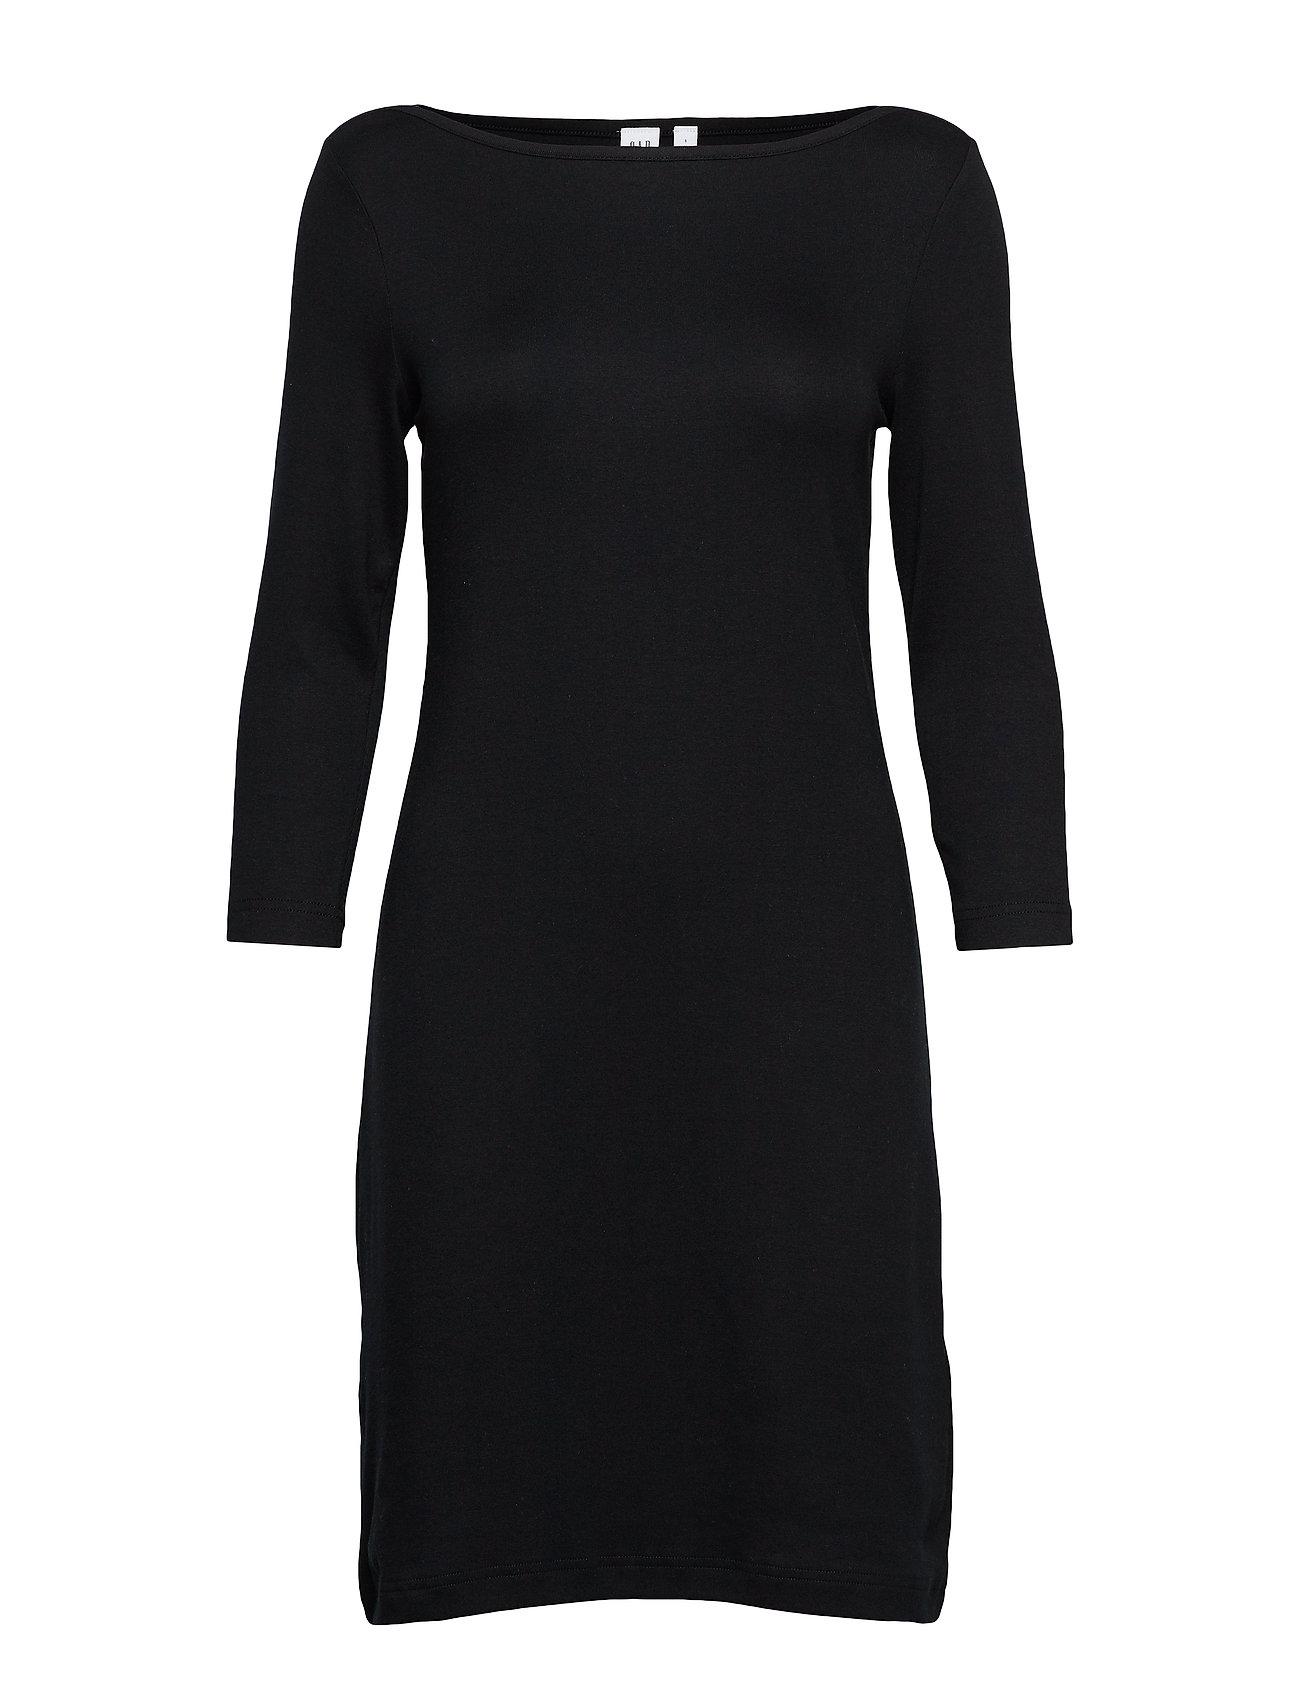 GAP Modern Boatneck Dress - TRUE BLACK V2 3